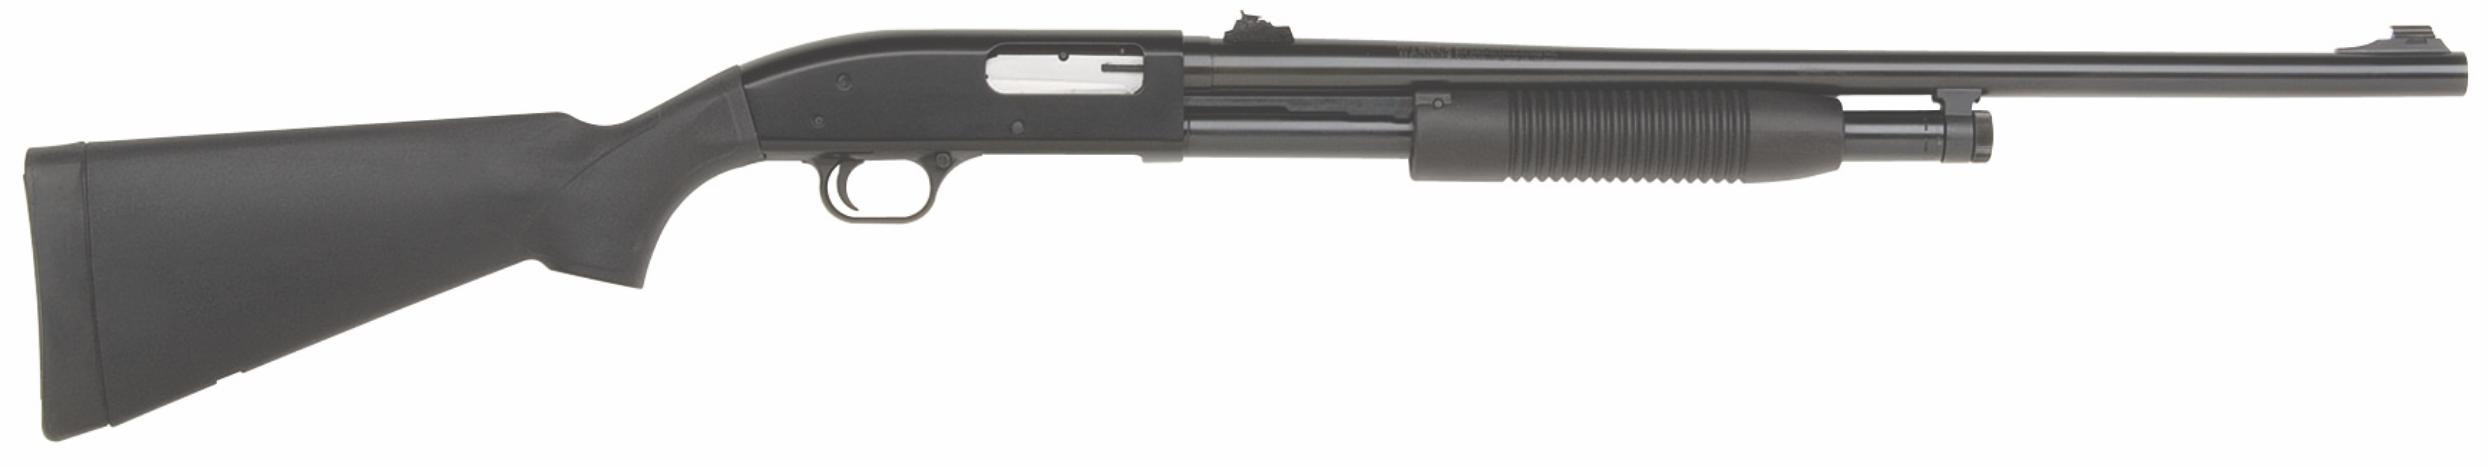 MAVERICK 88 SLUG 12_24 (MK31044)